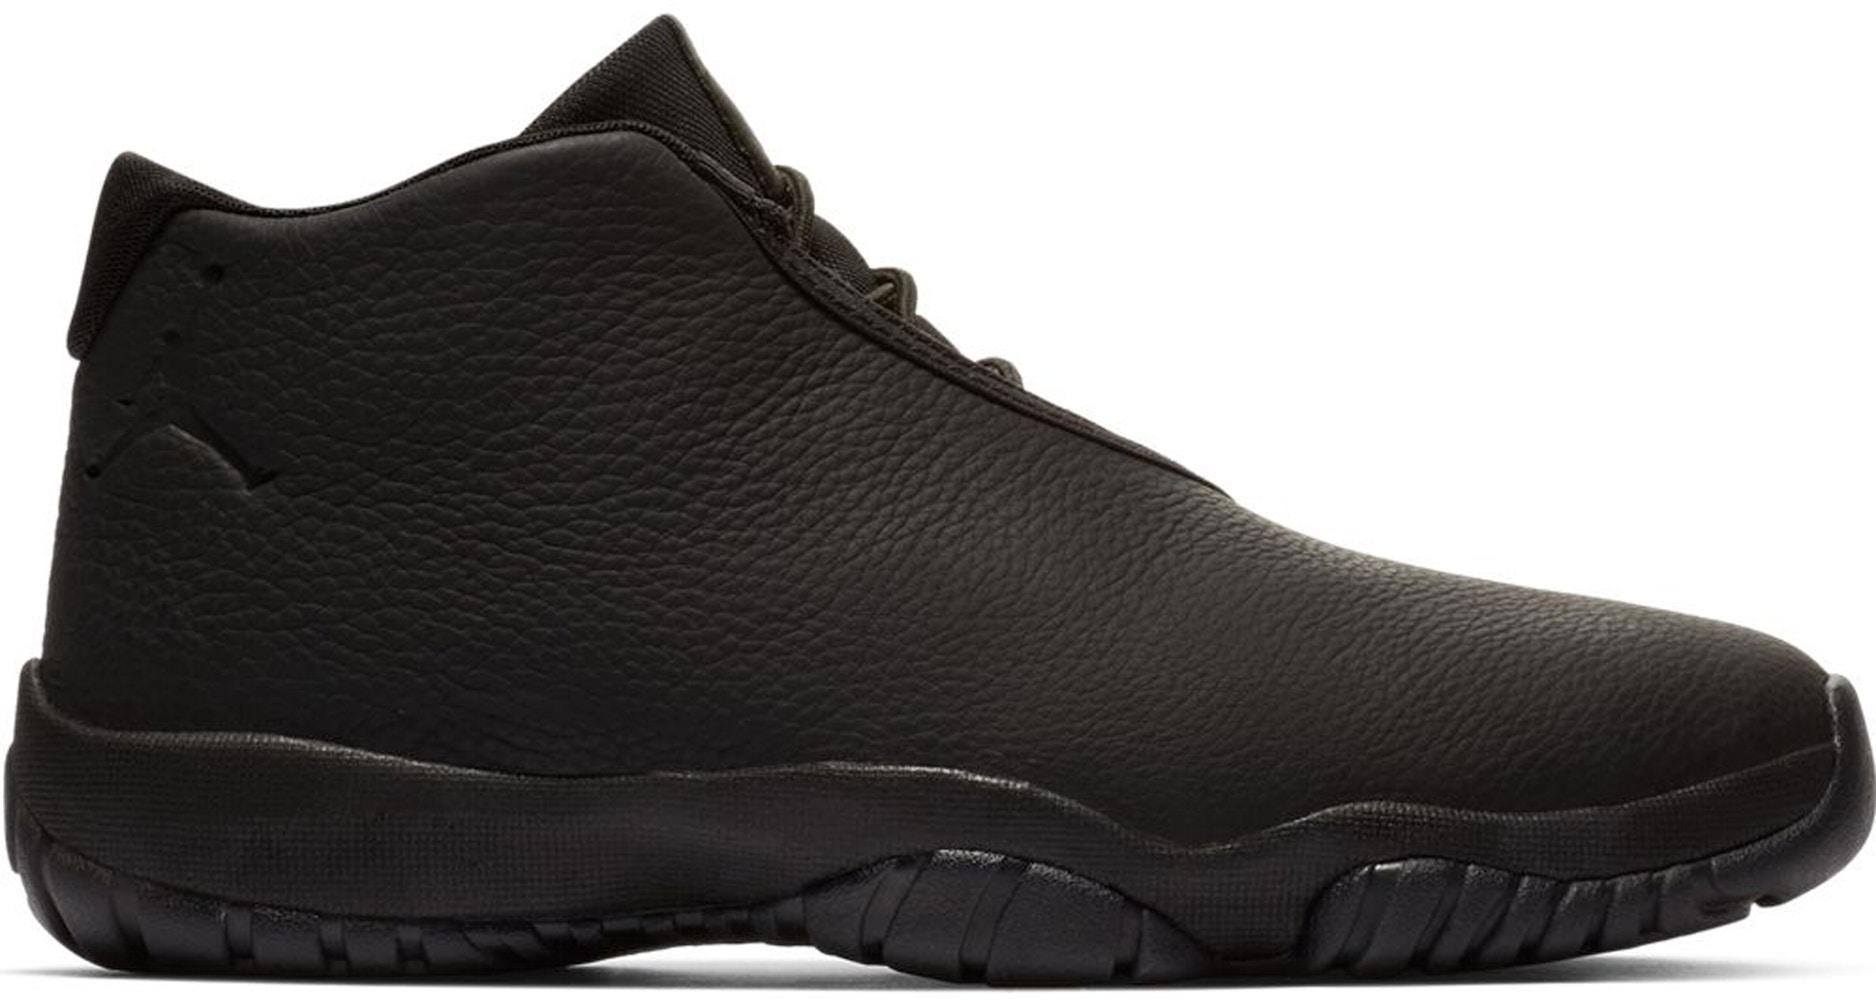 Jordan Future Triple Black Leather - CD1523-002